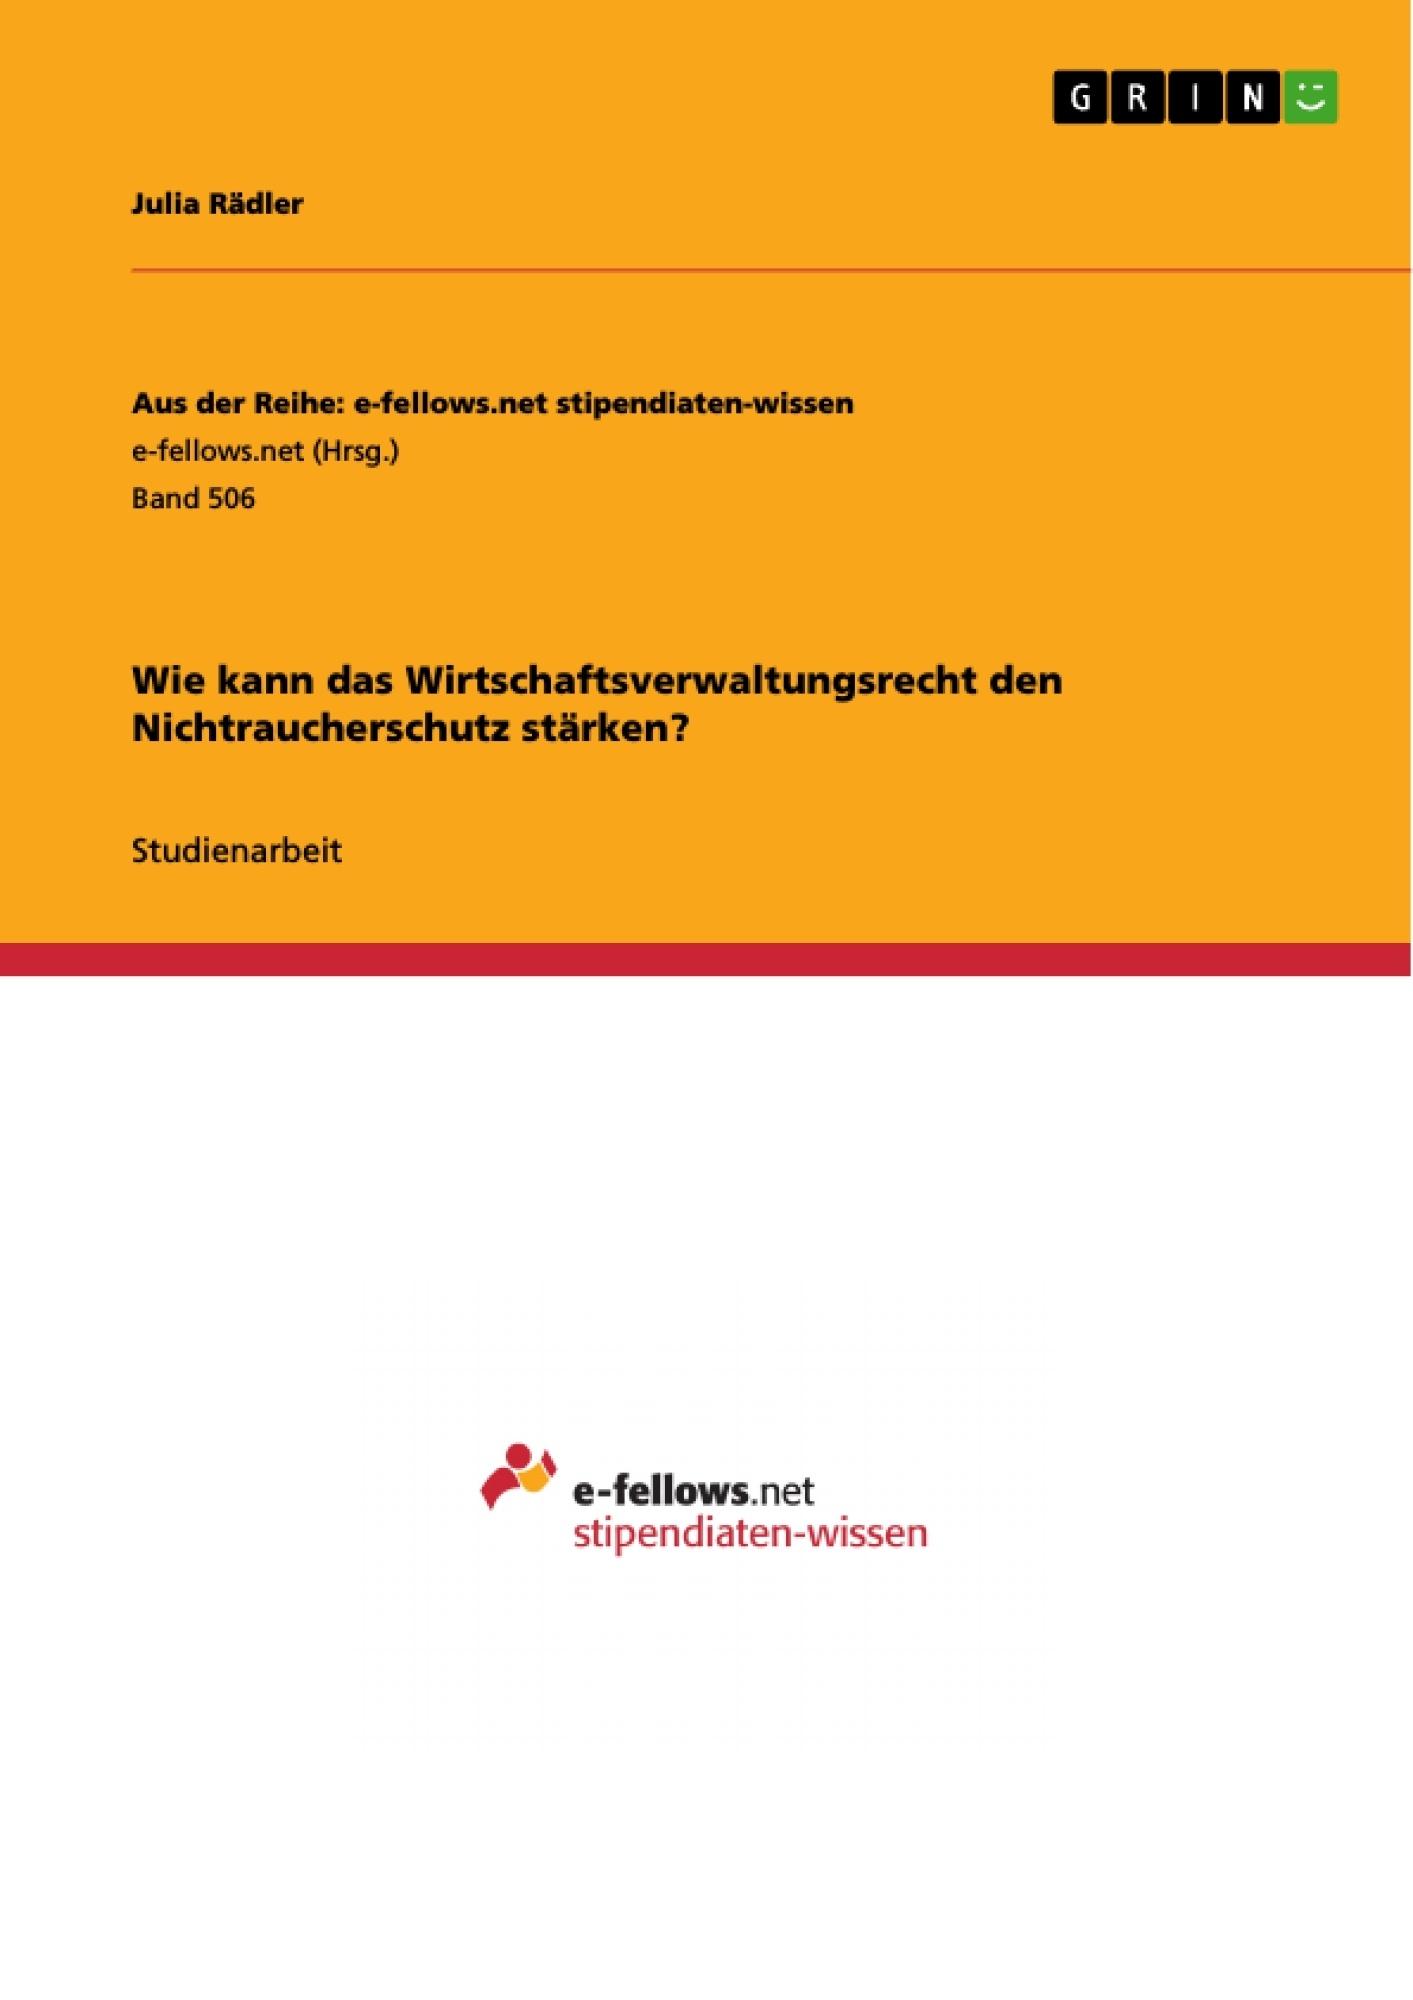 Titel: Wie kann das Wirtschaftsverwaltungsrecht den Nichtraucherschutz stärken?